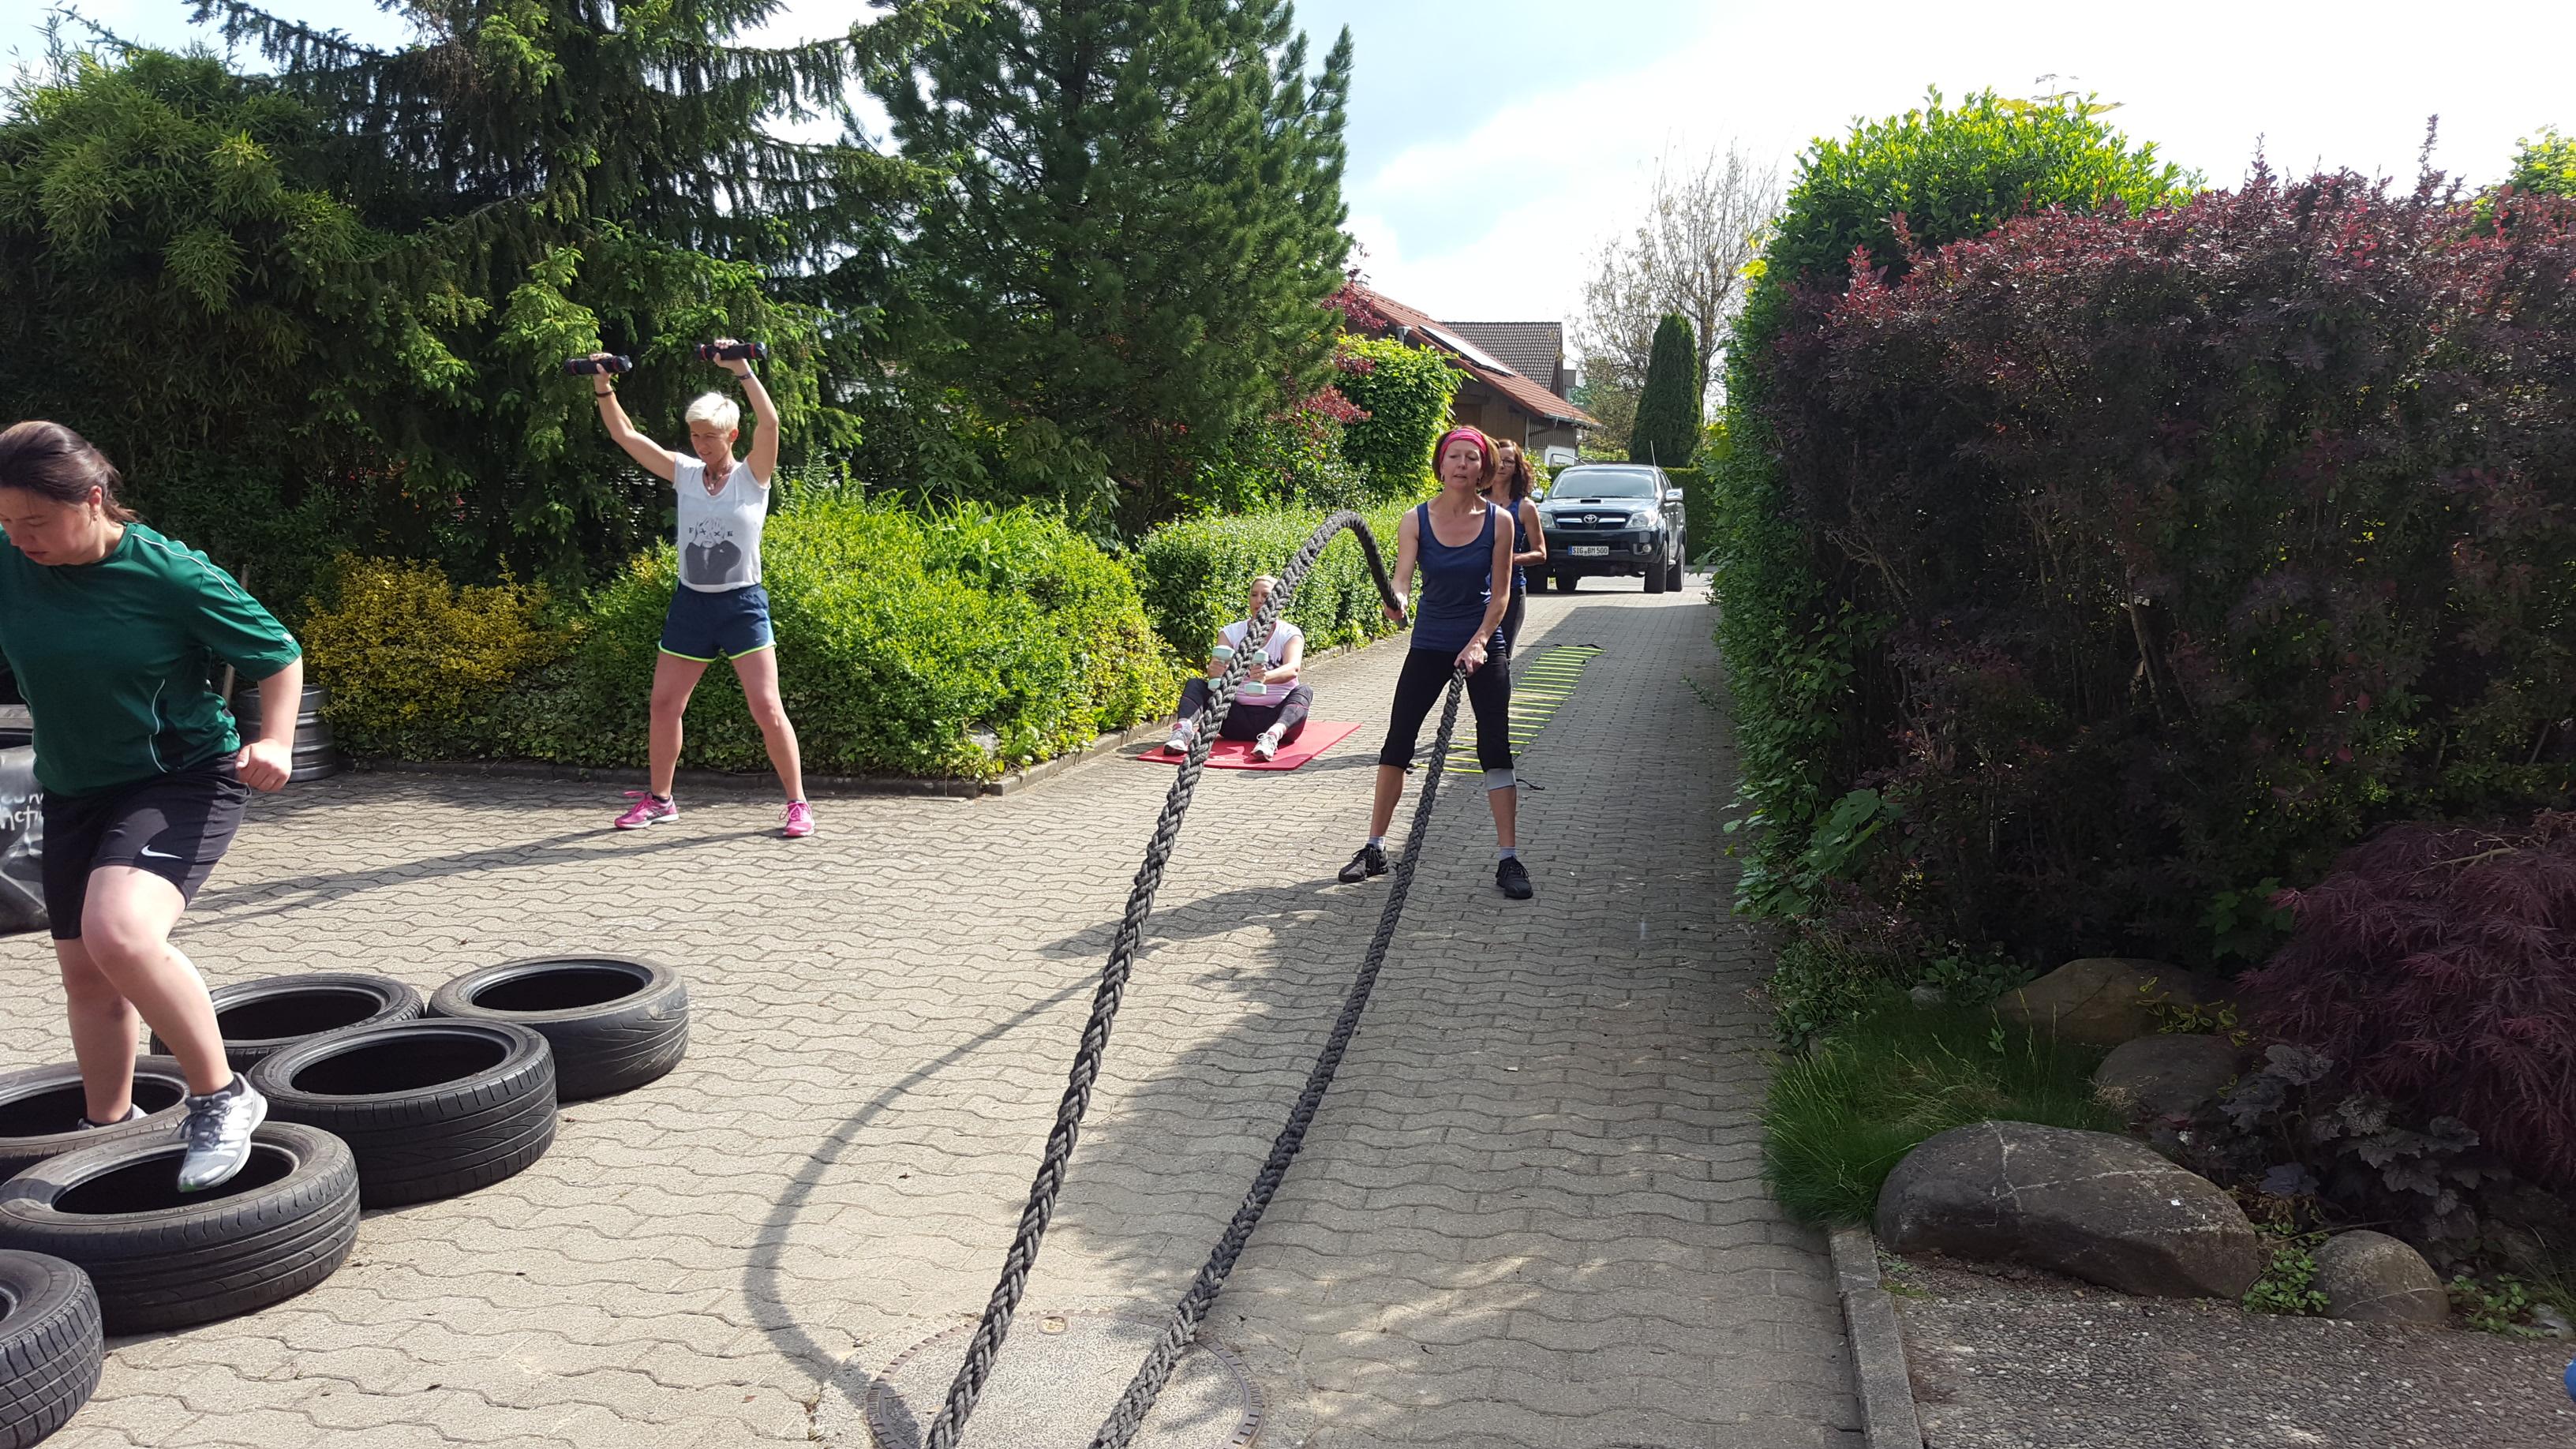 Sport gemeinsam mit anderen beim Group Fitness macht viel Spaß